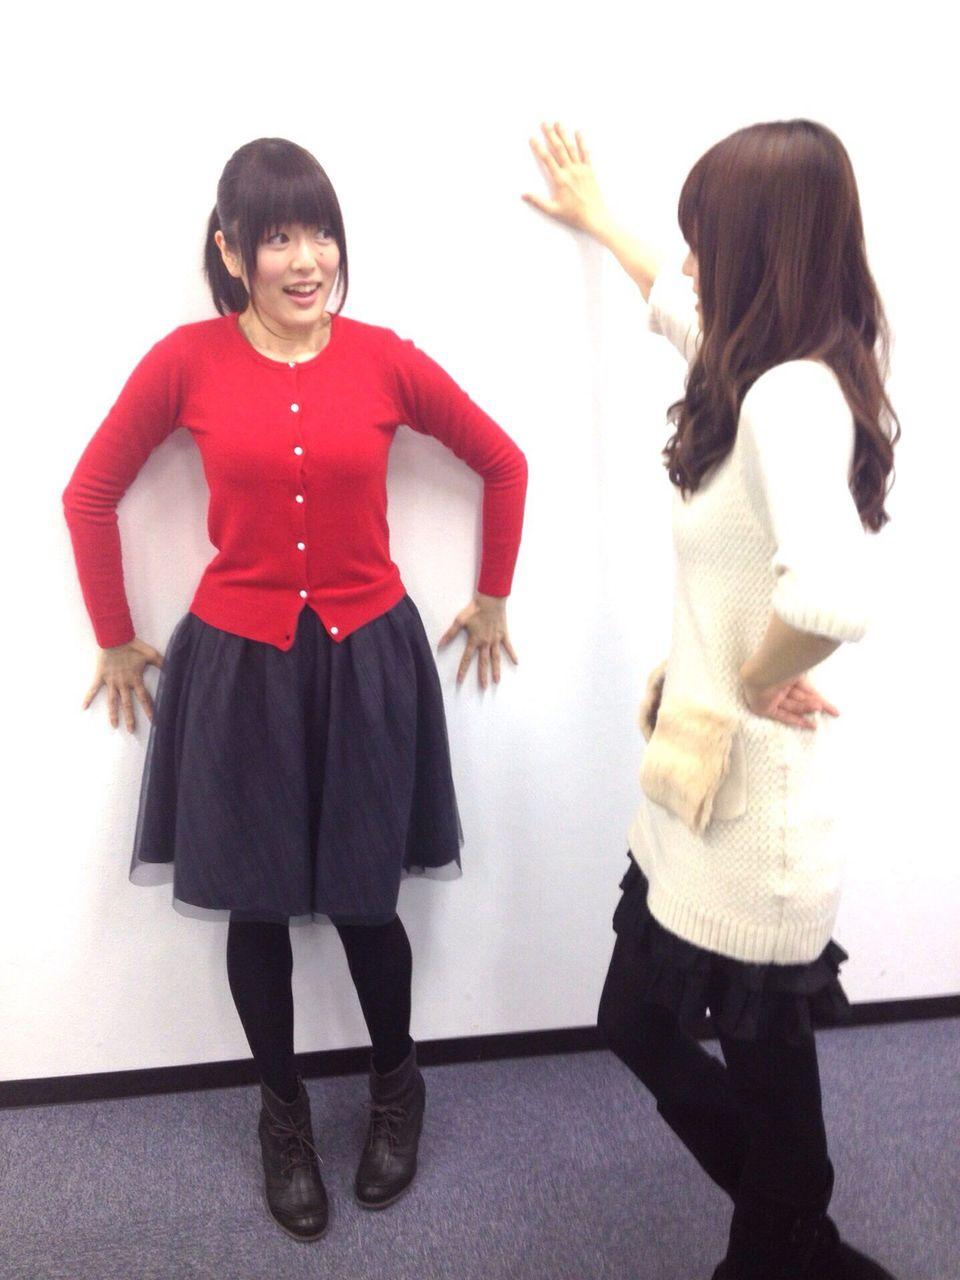 大好き!女性声優『加隈亜衣』さんと『藤井ゆきよ』さんが壁ドンごっこコメントコメントする